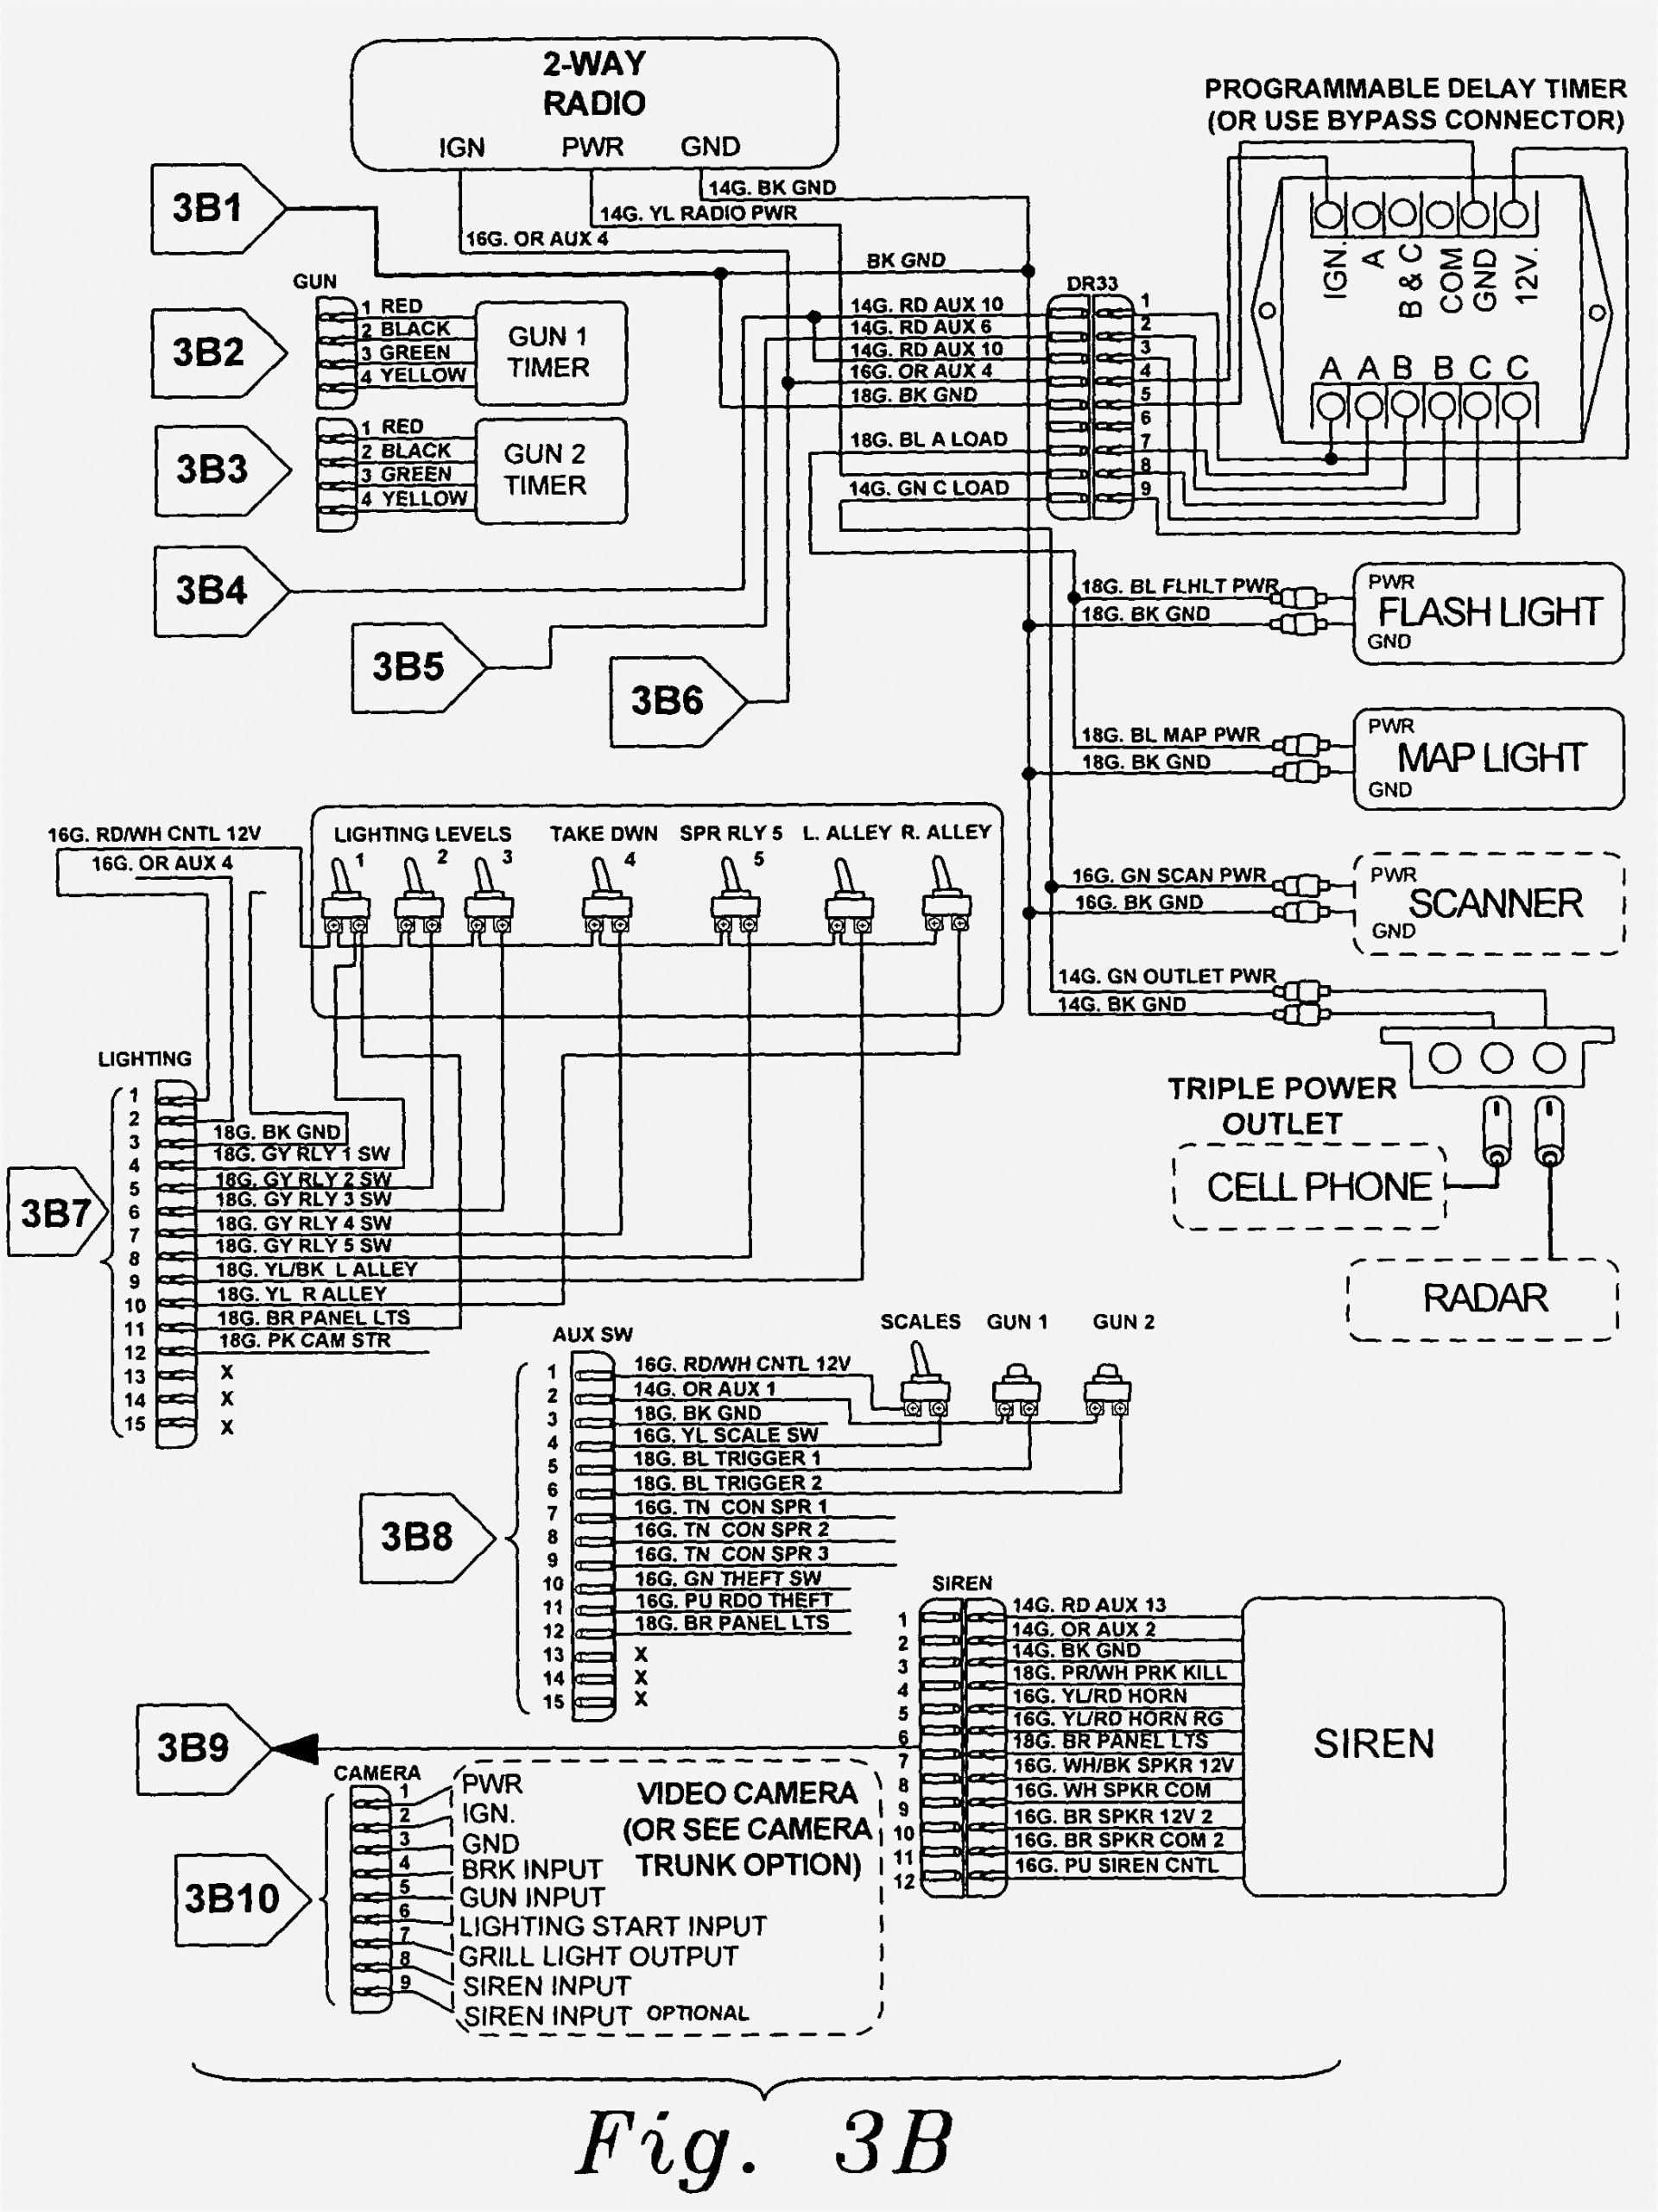 Whelen Strobe Wiring Diagram December 2017 – Wire Diagram Of Whelen Strobe Wiring Diagram